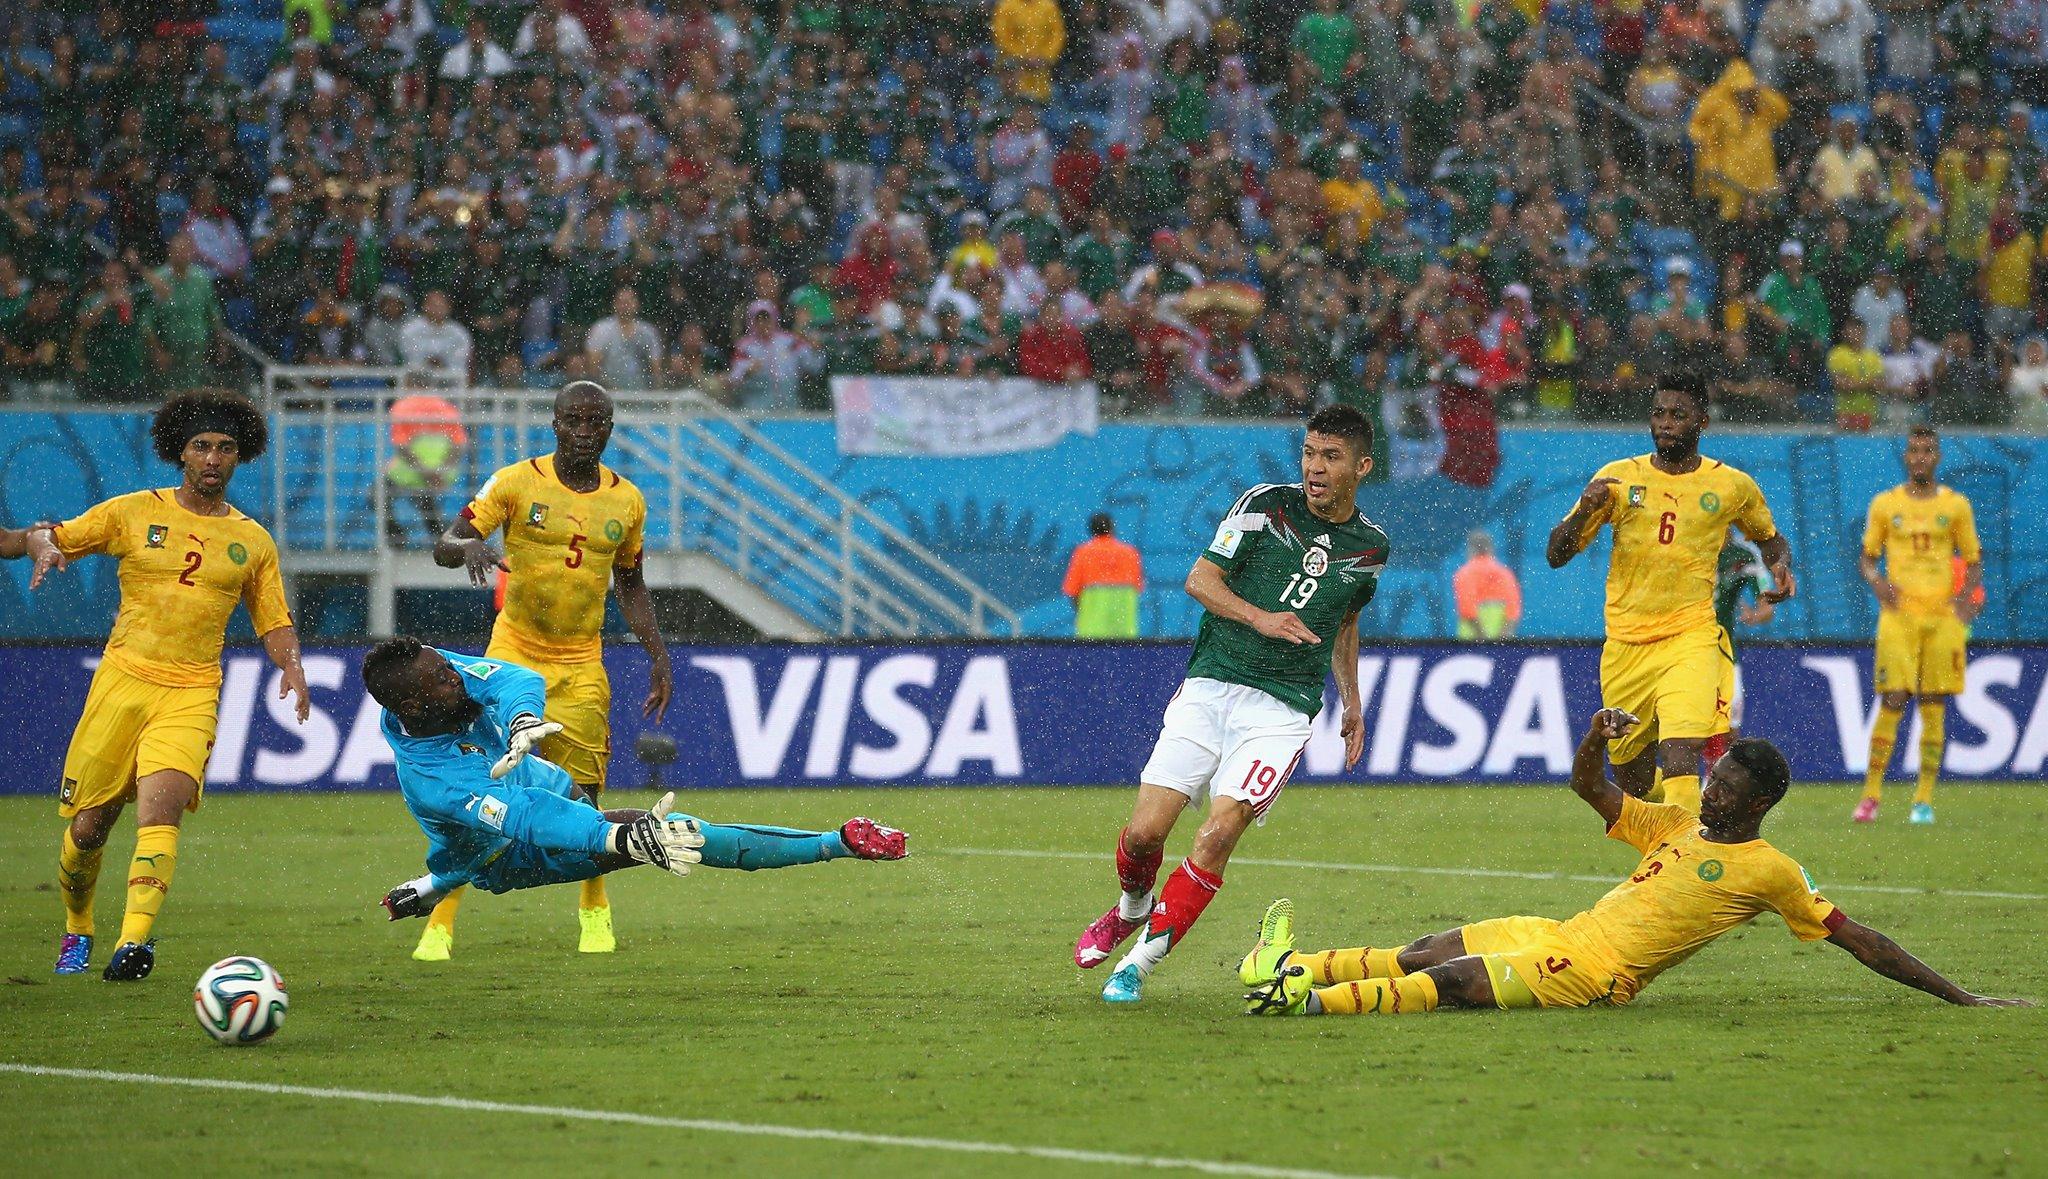 La determinación y la aplicación de lo que se trabajó durante los entrenamientos, fue lo que dejó contento y satisfecho a Herrera tras la victoria de 1-0 sobre Camerún en la Arena das Dunas